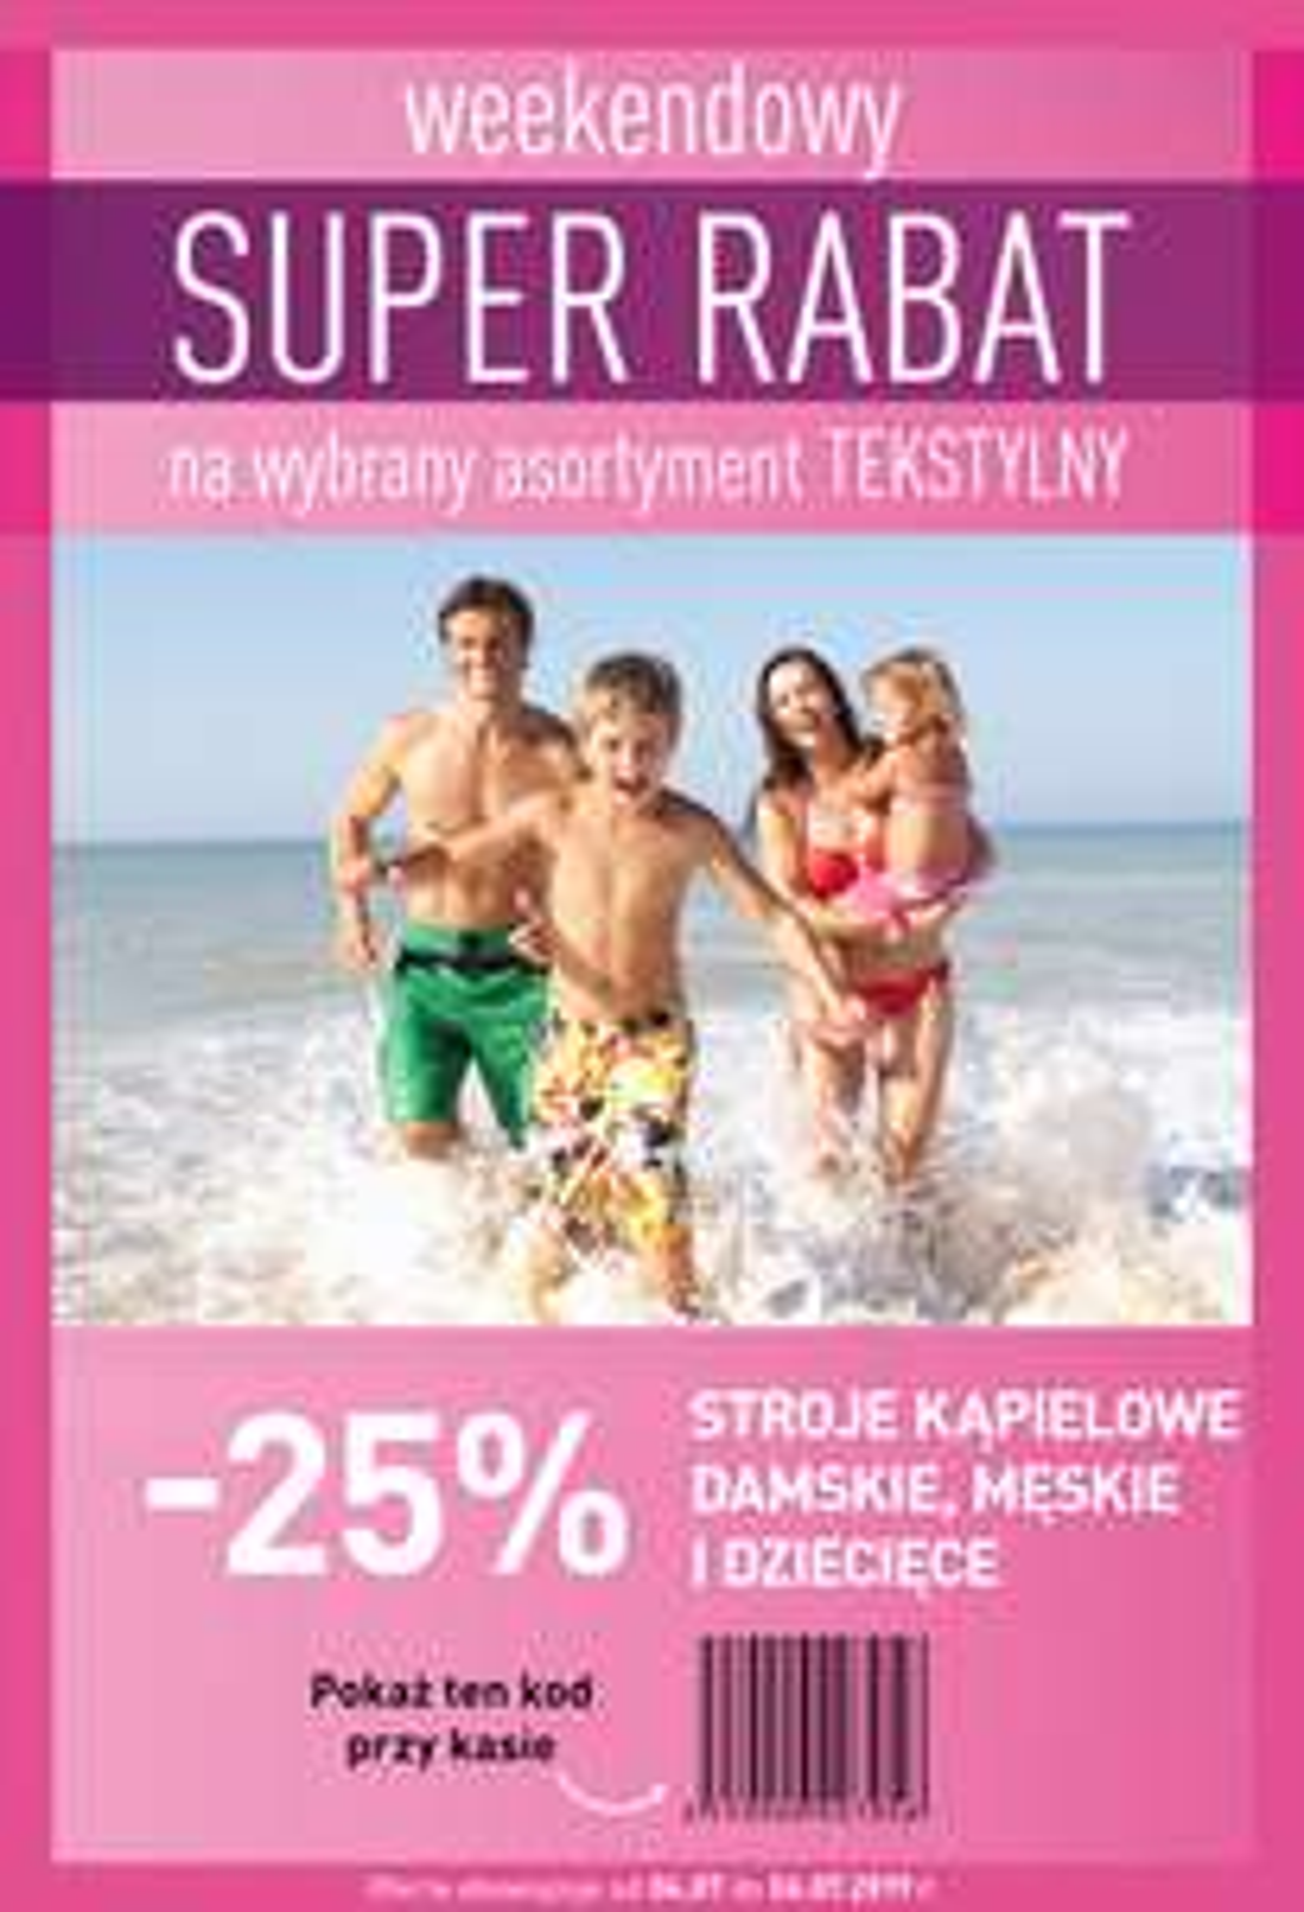 -25% na stroje kąpielowe (damskie, męskie i dziecięce) @ Carrefour